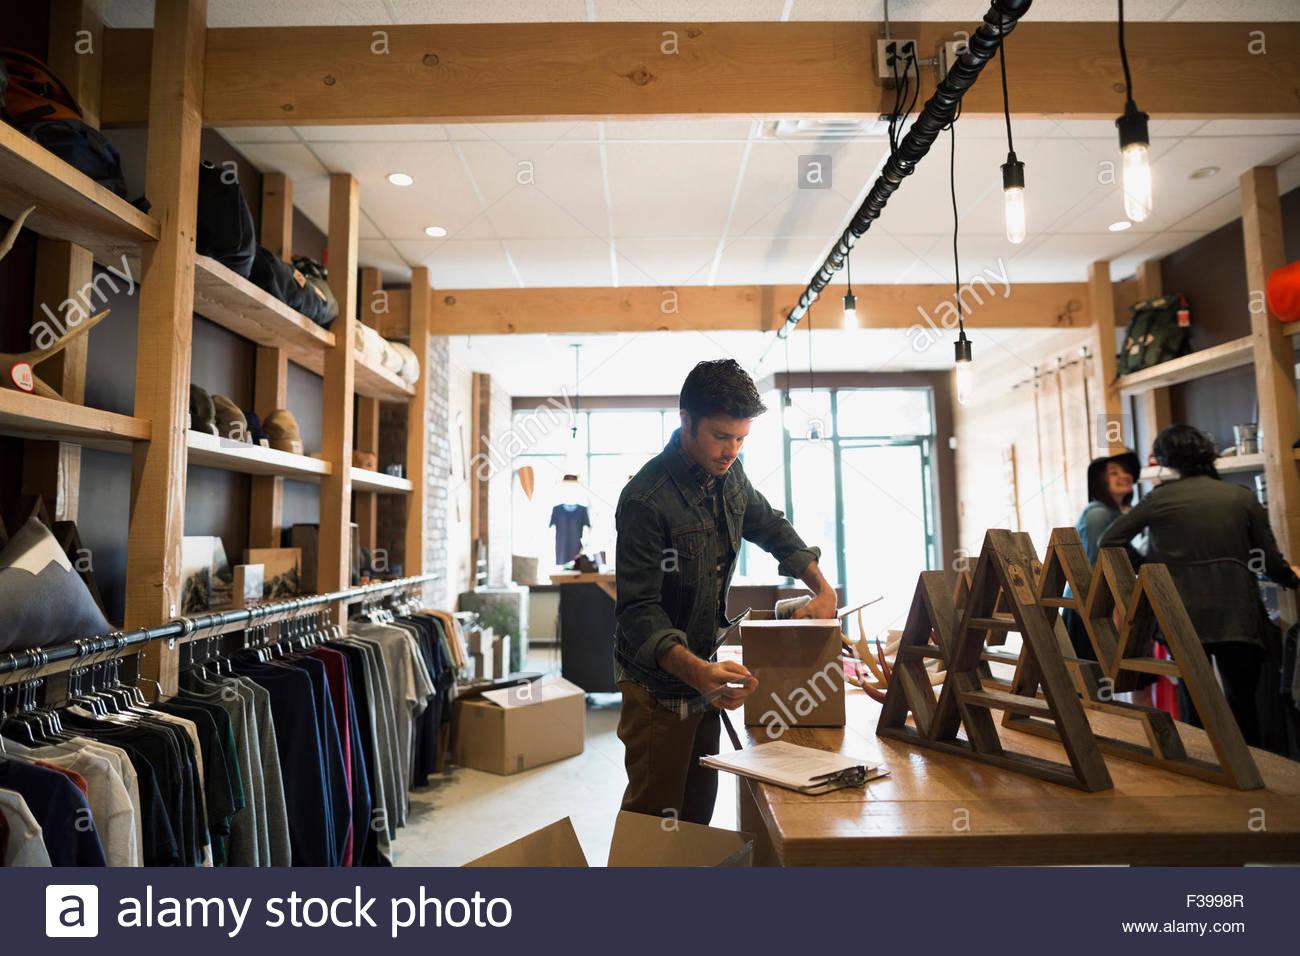 Lavoratore di disimballare il nuovo inventario nel negozio di abbigliamento Immagini Stock